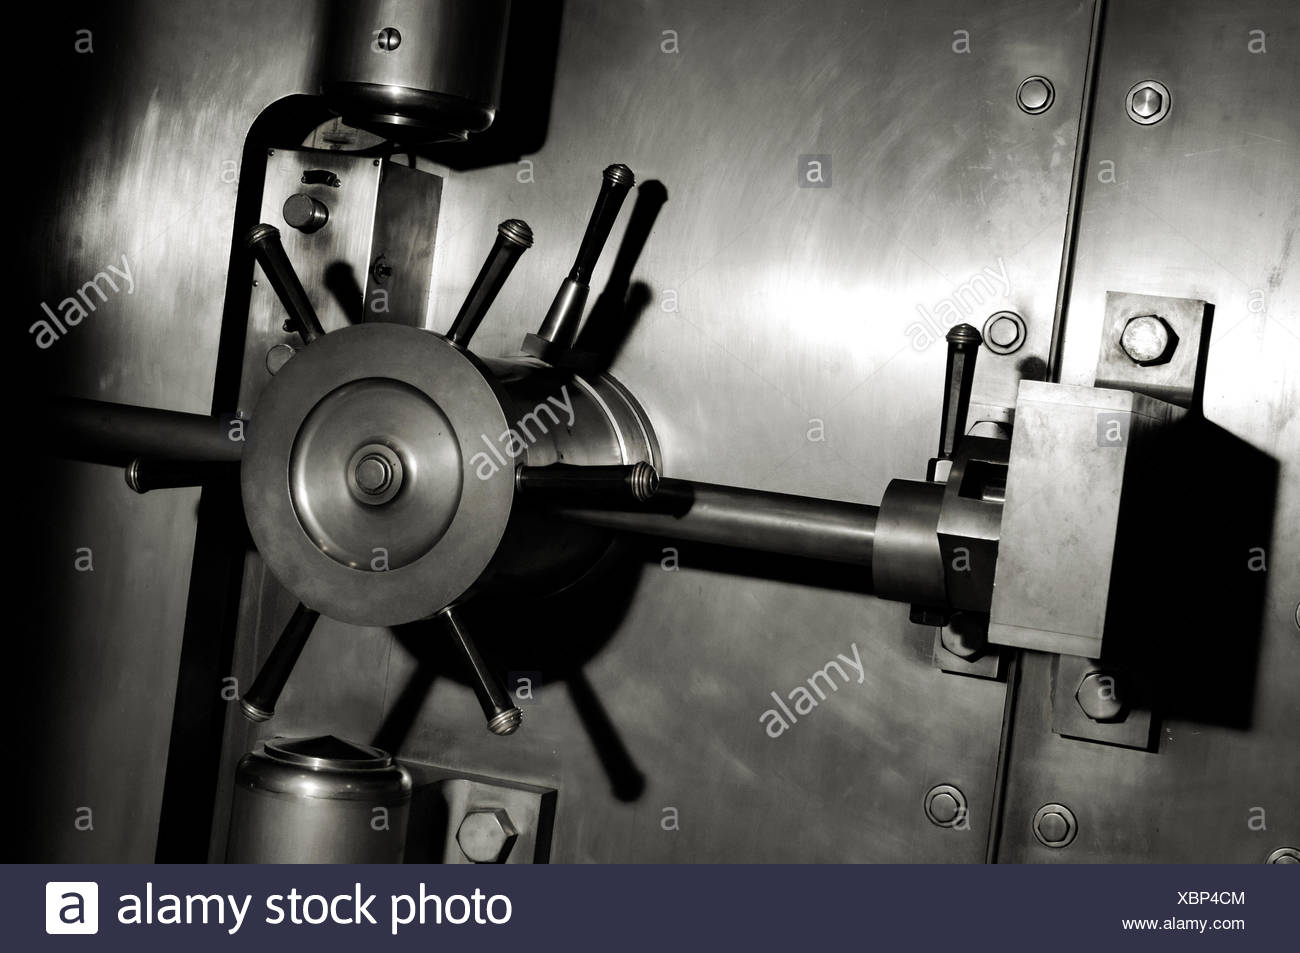 Stainless steel bank vault door lock - Stock Image